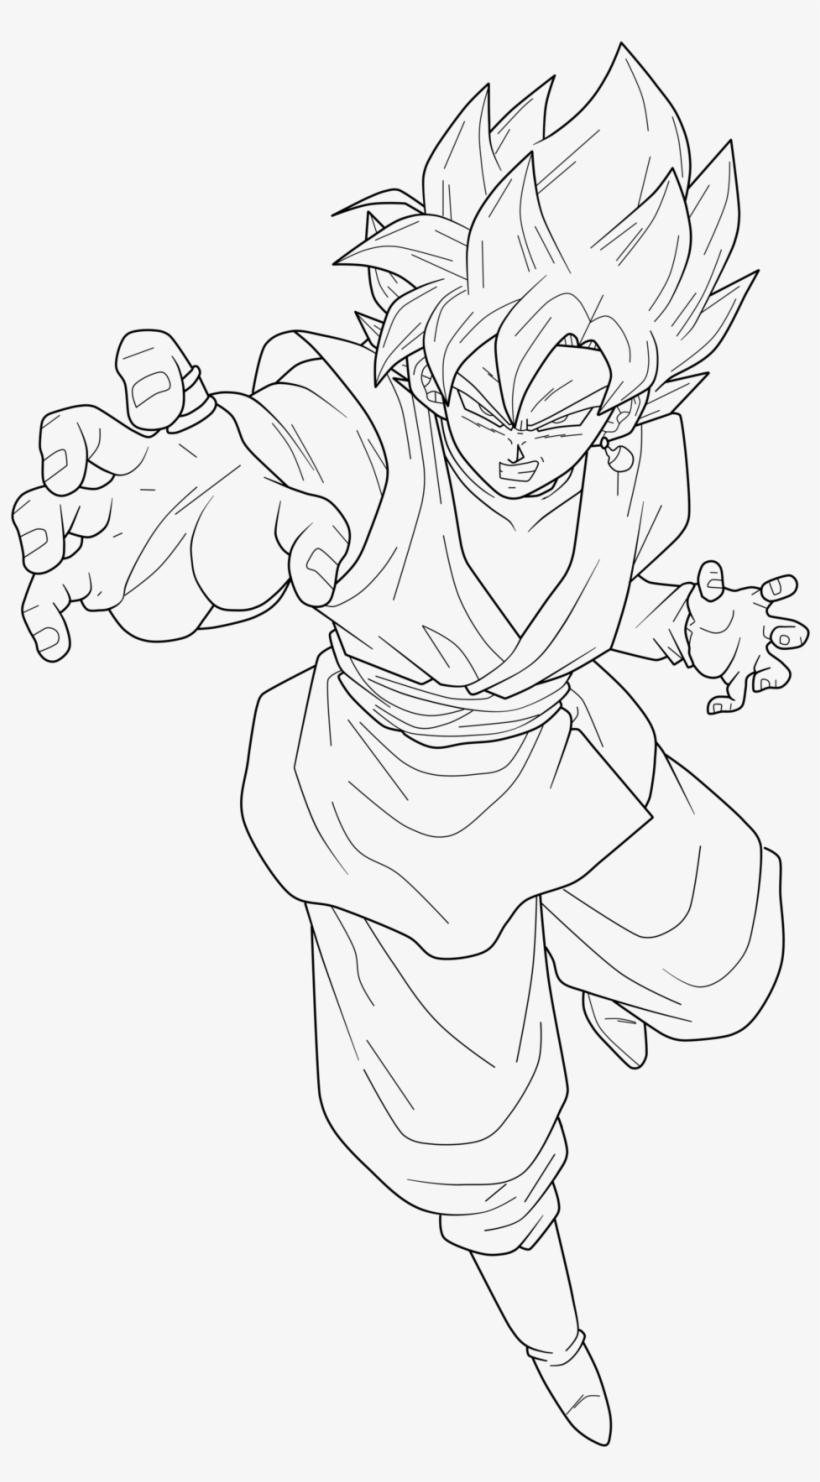 Dragon Ball Coloring Pages Goku Vegeta With Awesome - Goku ...